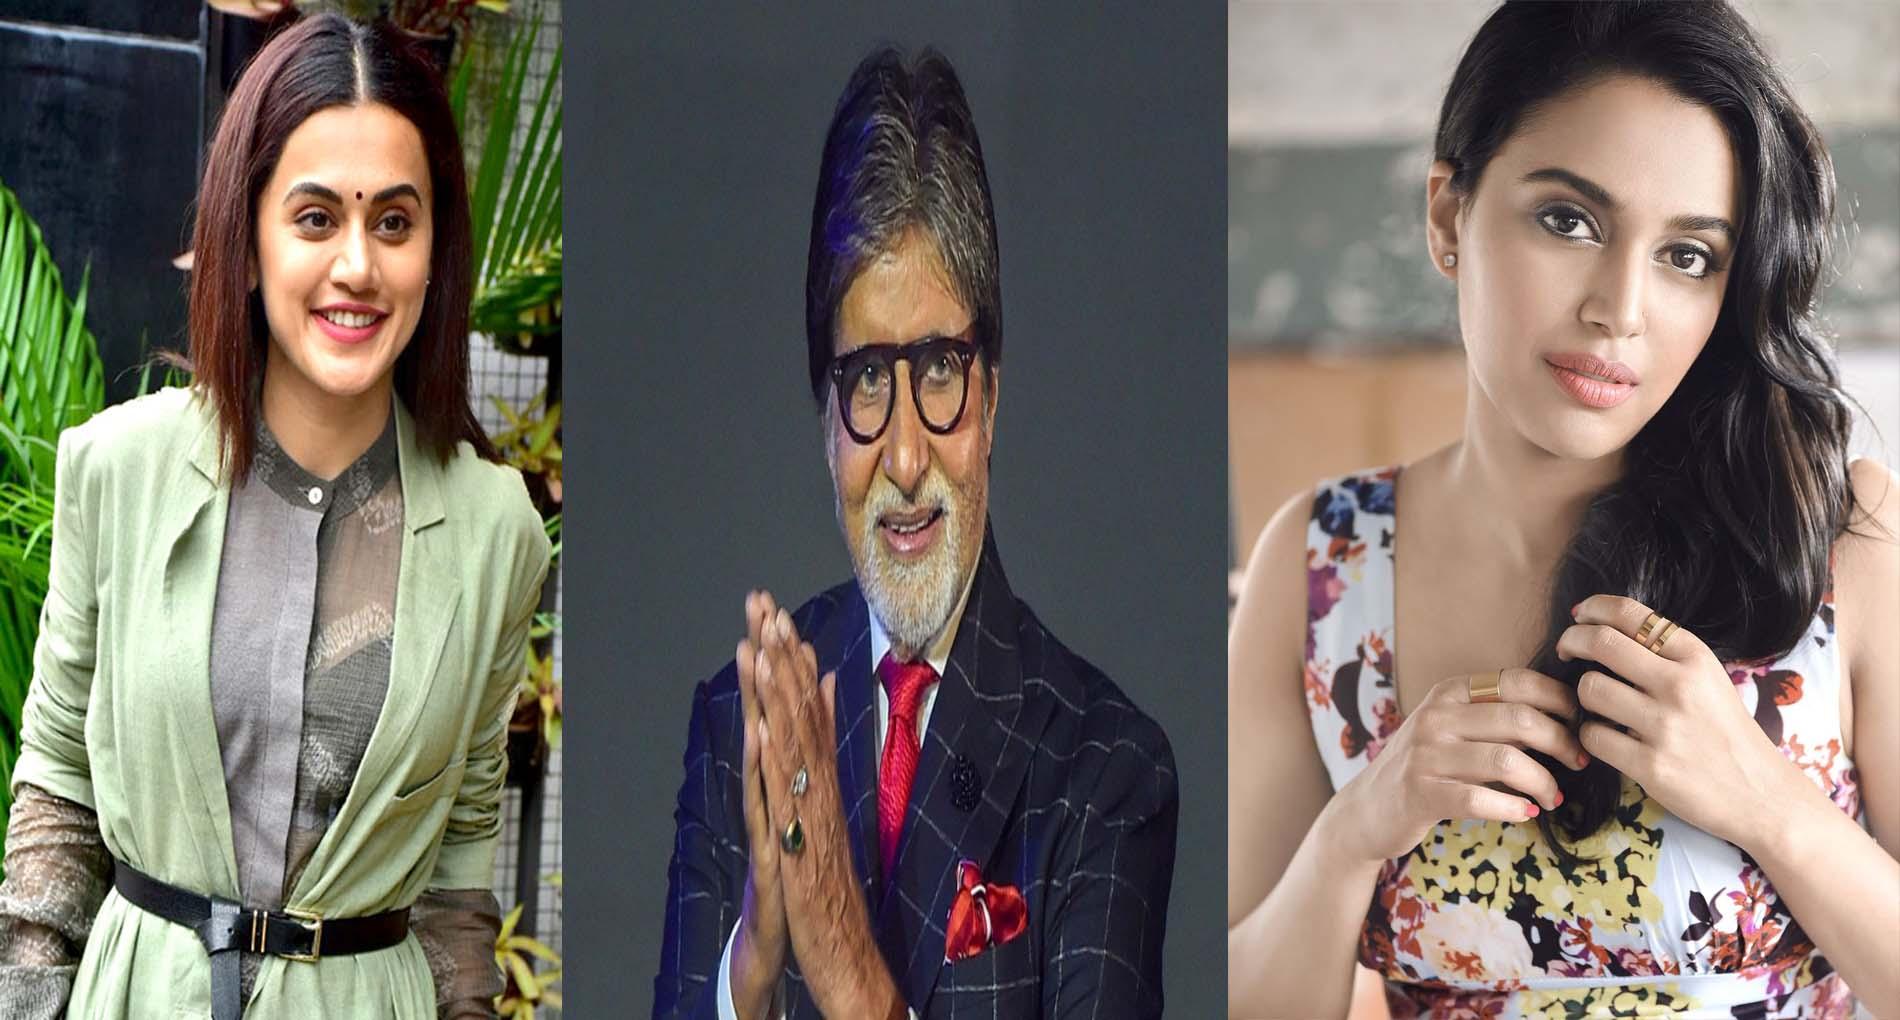 अमिताभ बच्चन, स्वरा भास्कर सहित अन्य सेलेब्स ने दी स्वतंत्रता दिवस की बधाई!